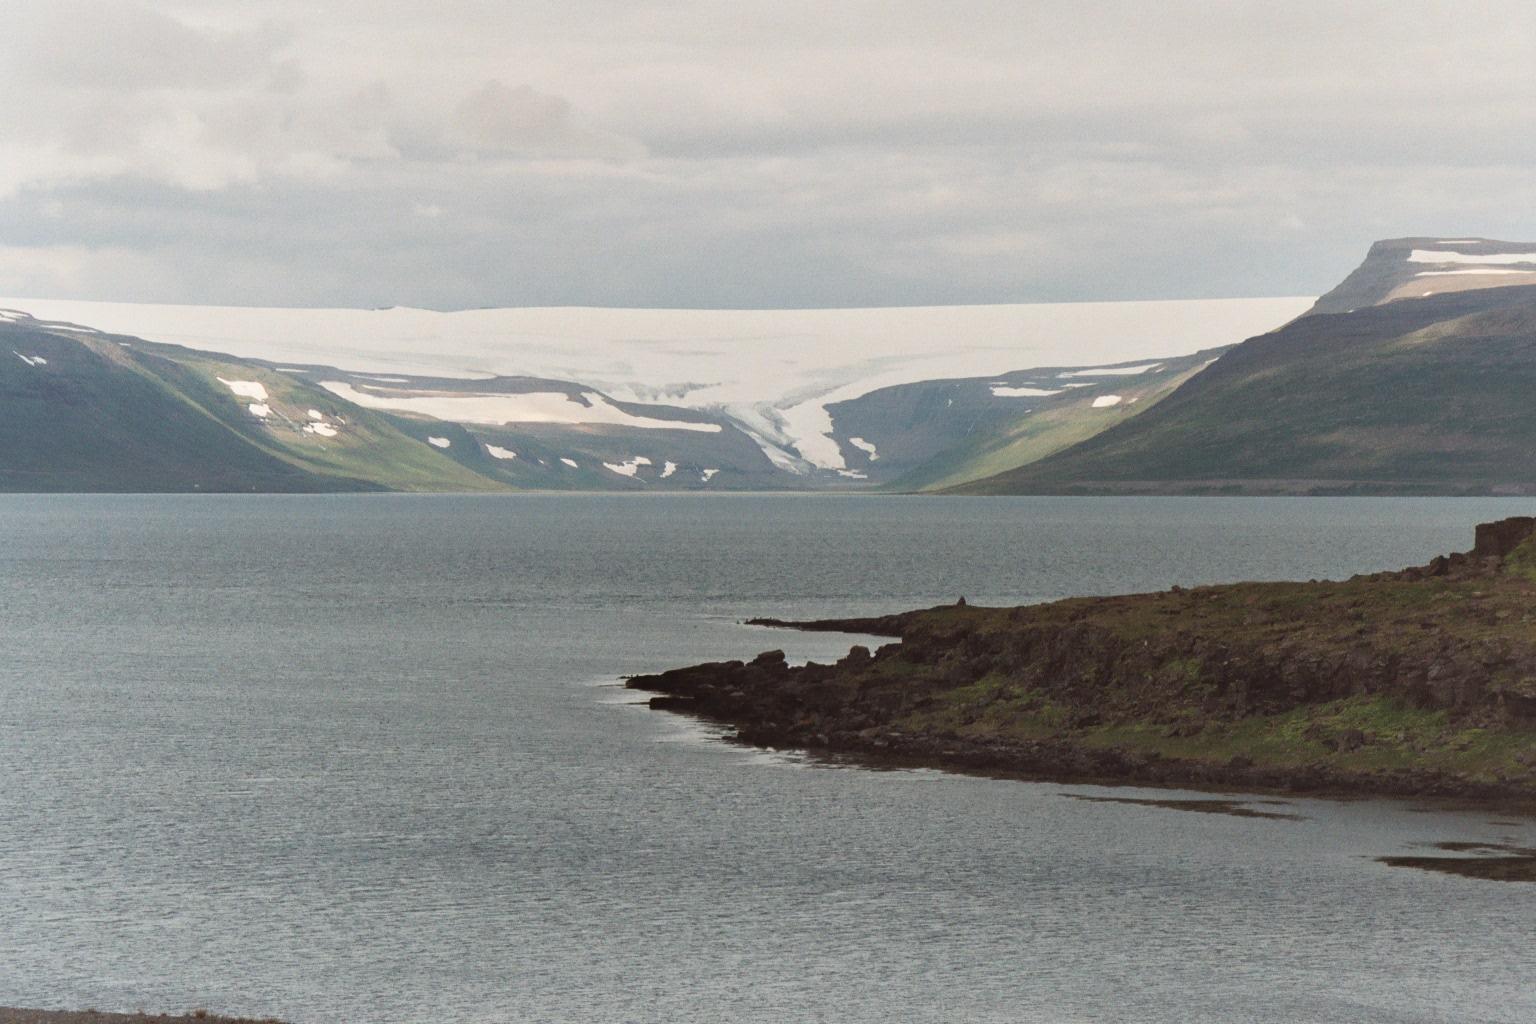 photo du glacier islandais Drangajökull